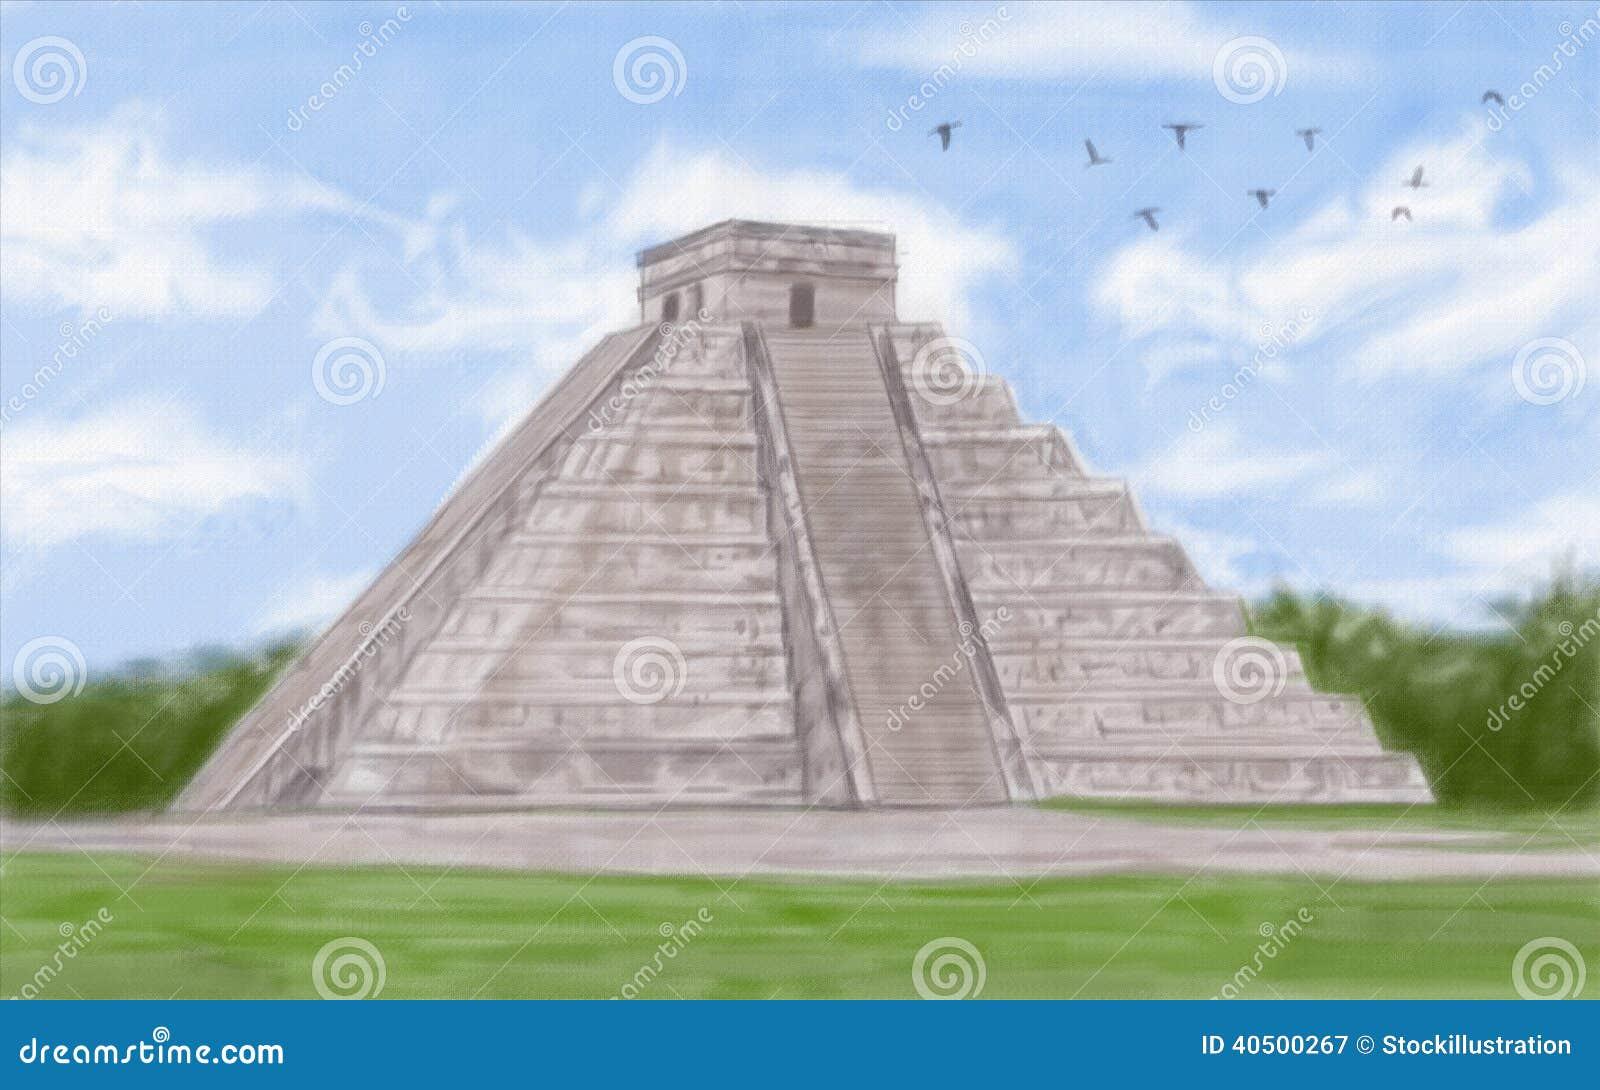 Chichen Itza Mayan